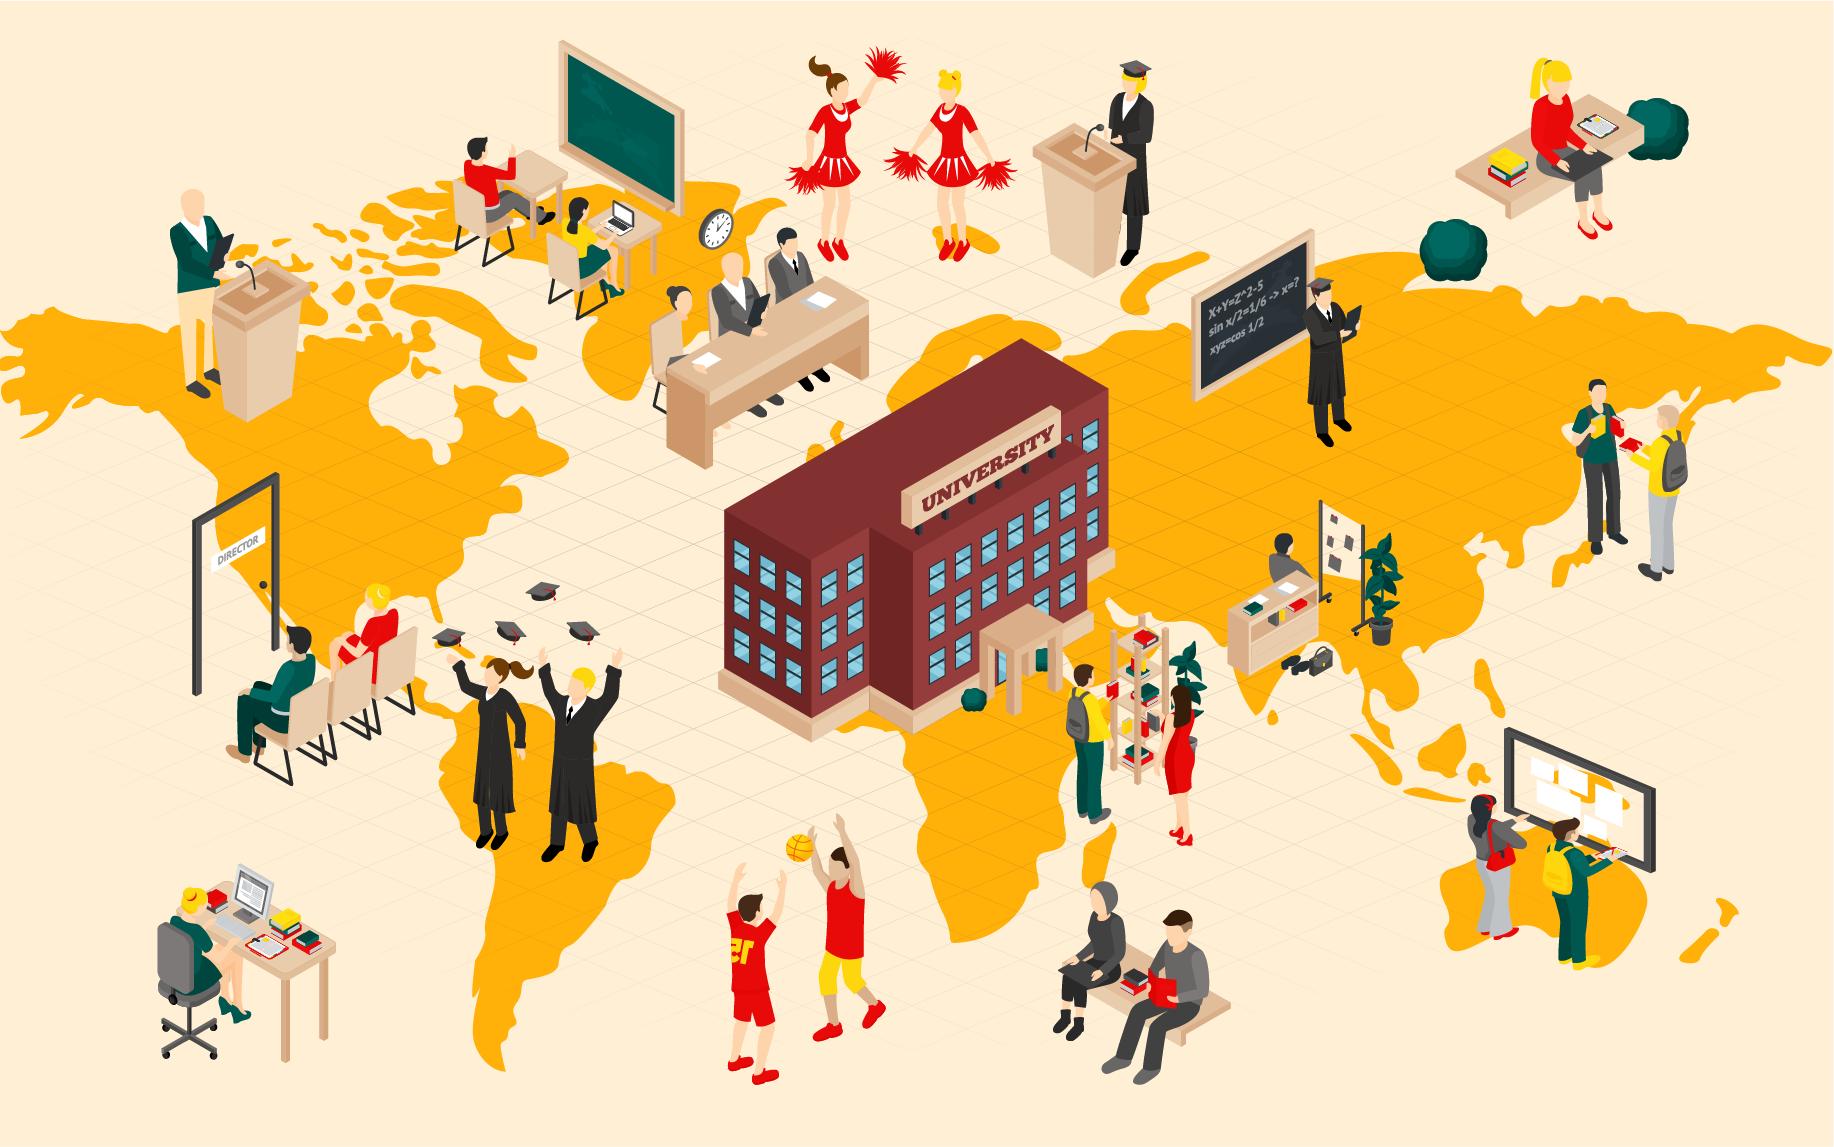 رتبه بندی برترین دانشگاه های جهان بر اساس مقاله نویسی